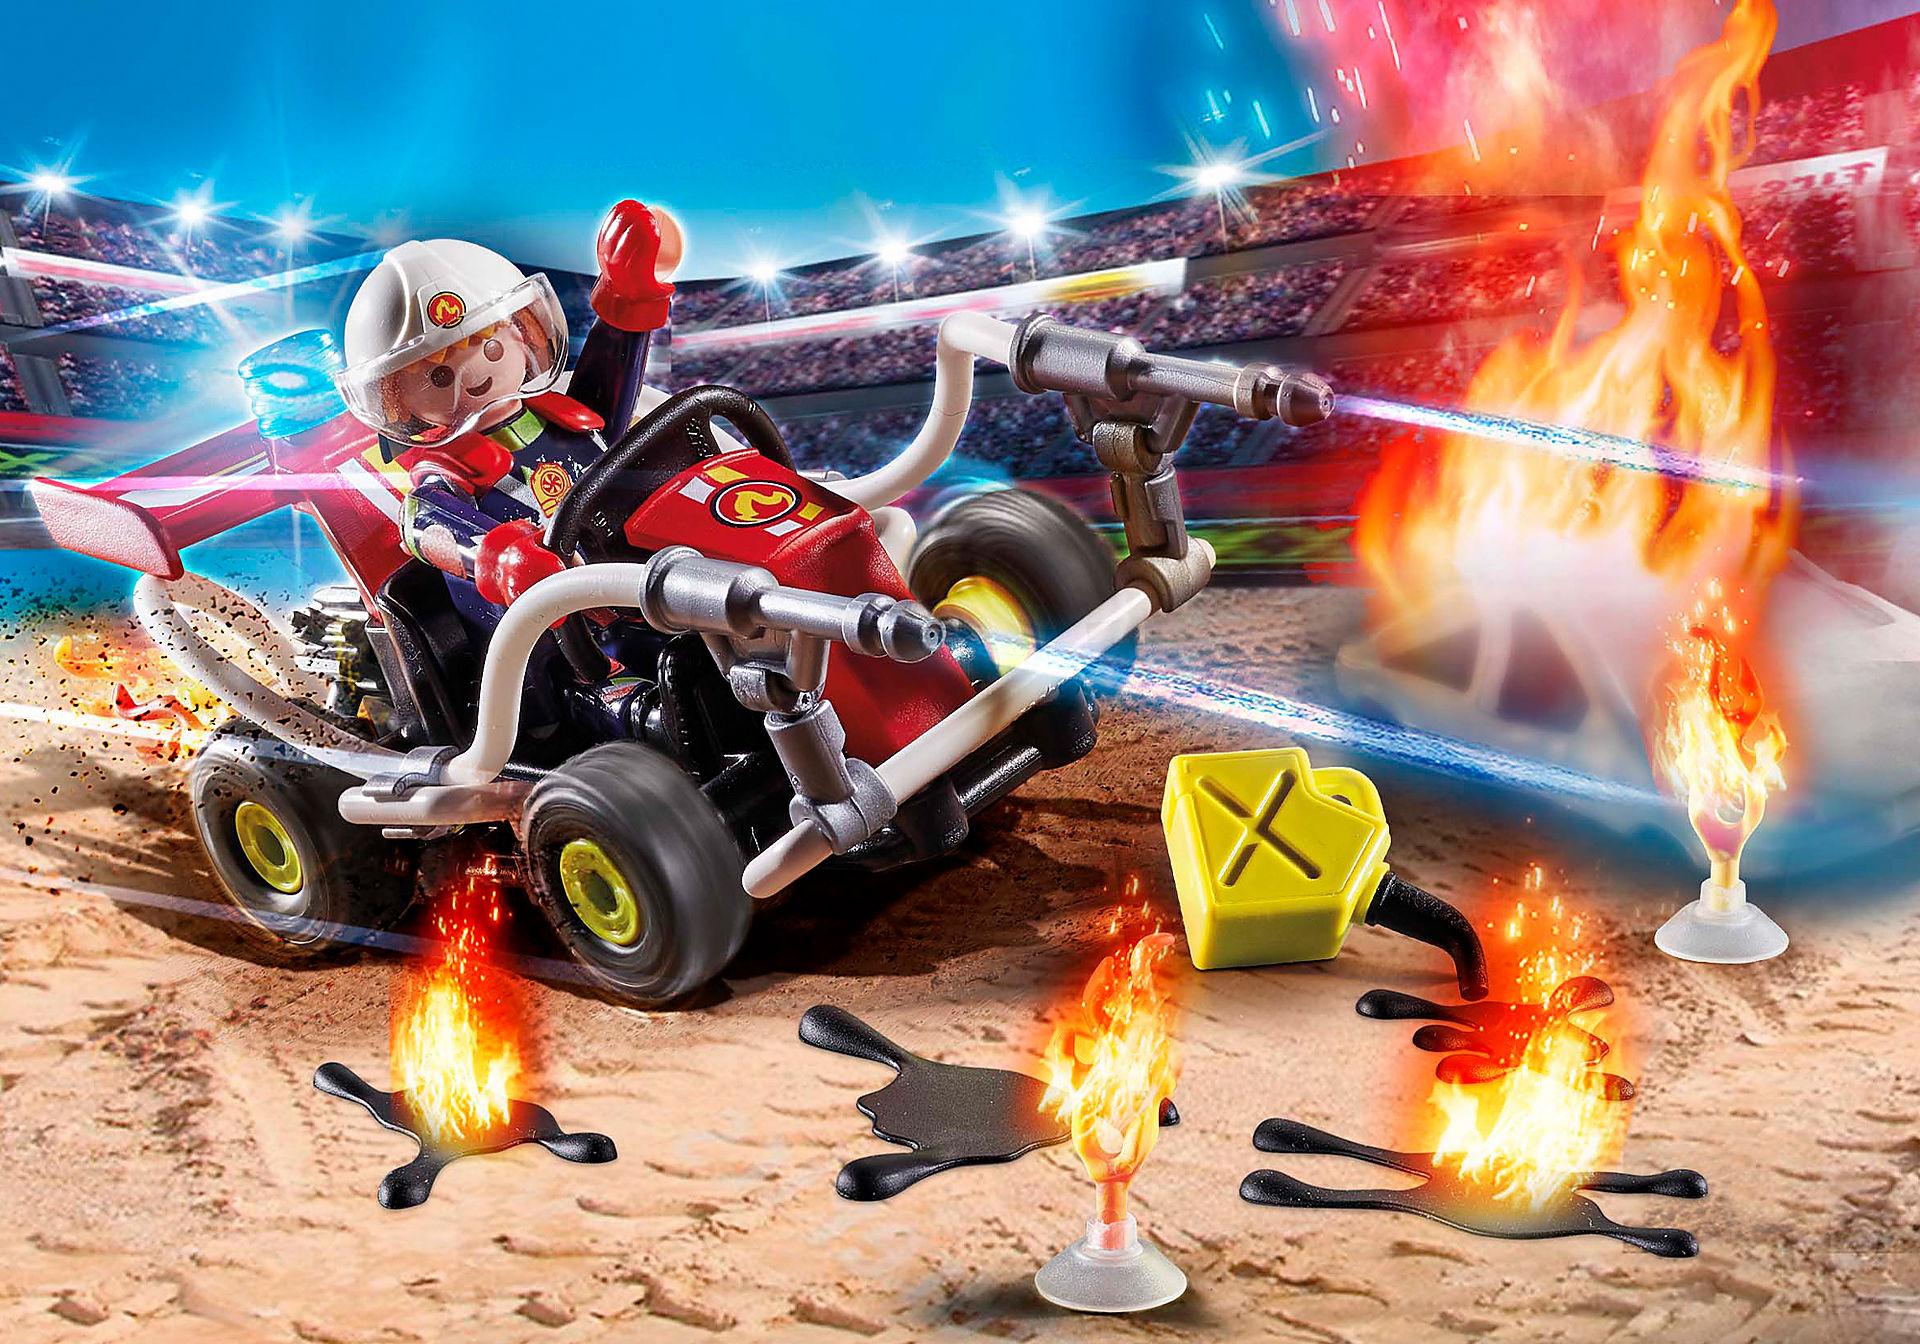 70554 Pokaz kaskaderski: Gokart straży pożarnej zoom image1